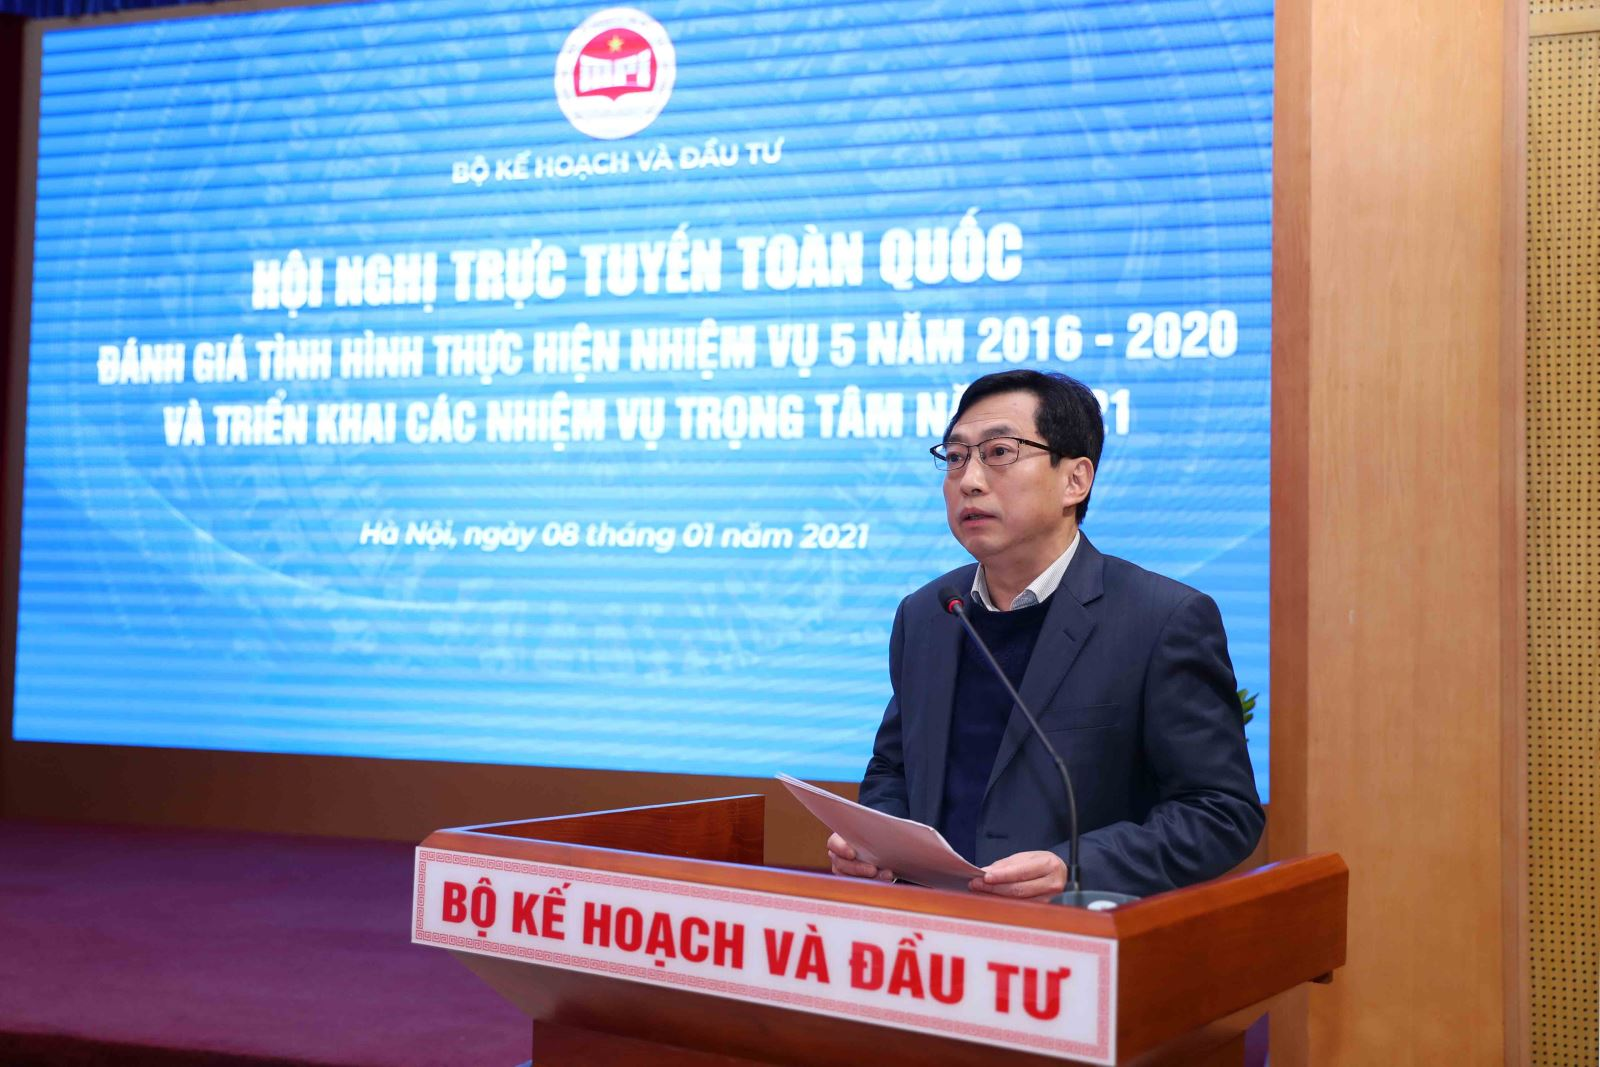 Vụ trưởng Vụ Pháp chế, Bộ Kế hoạch và Đầu tư Trần Hào Hùng tham luận tại Hội nghị. Ảnh: MPI